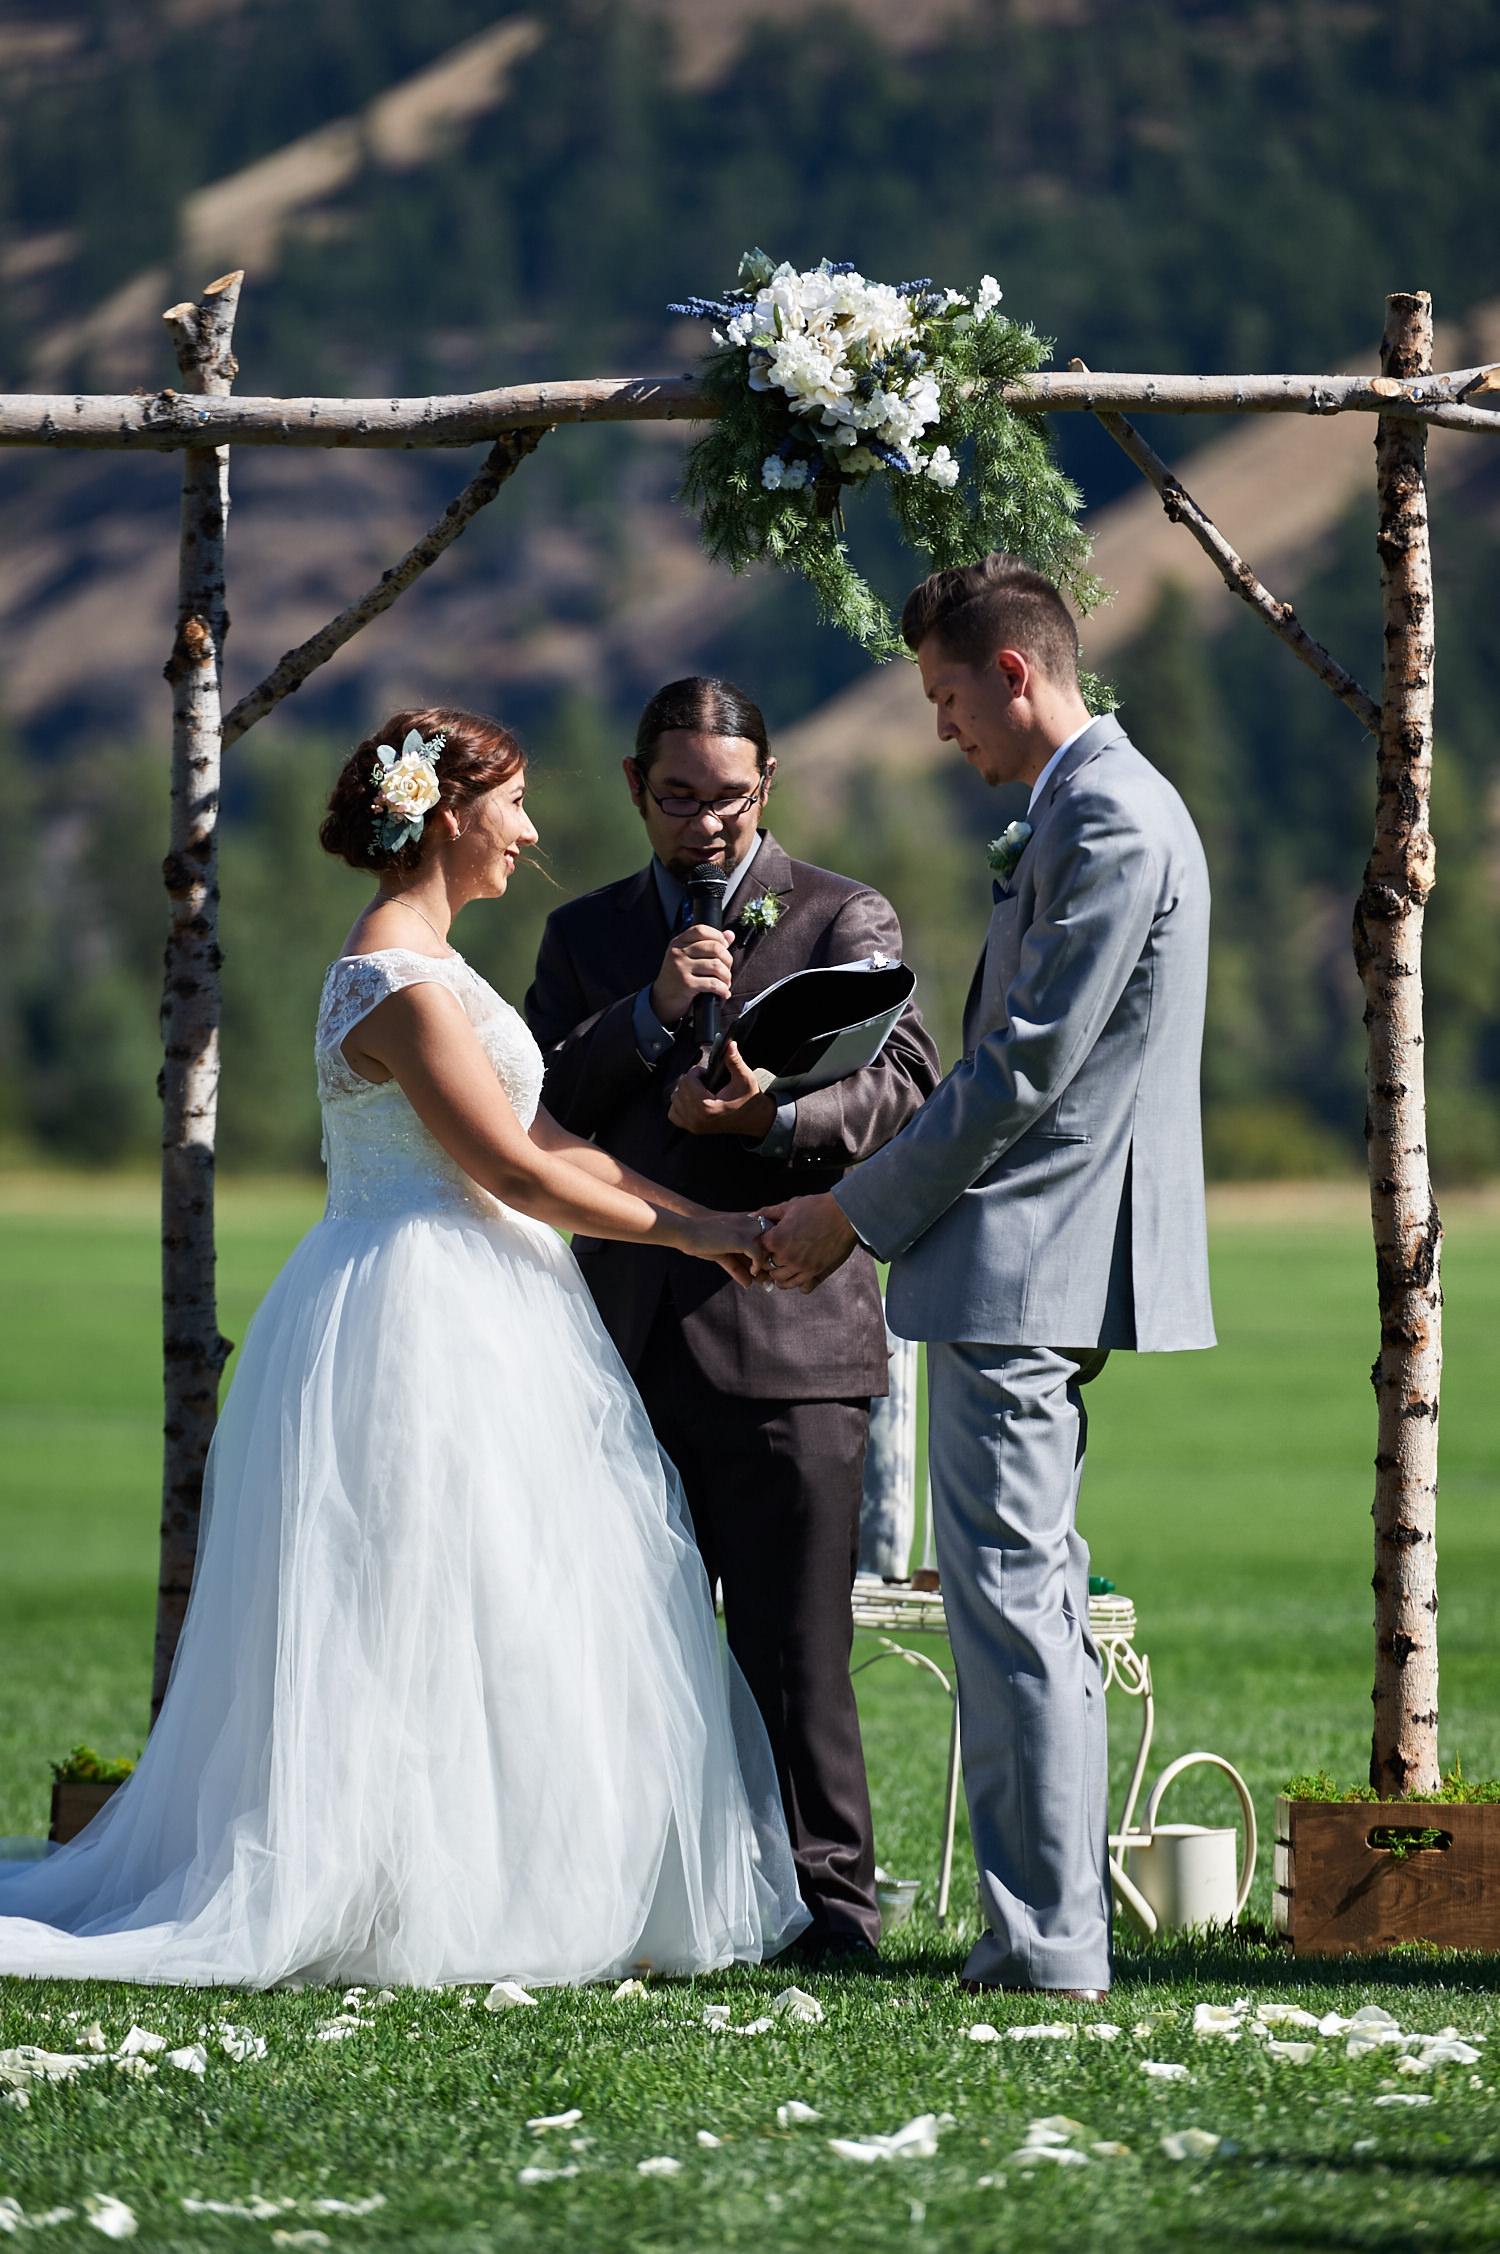 web - T & K wedding__FHX2540.jpg